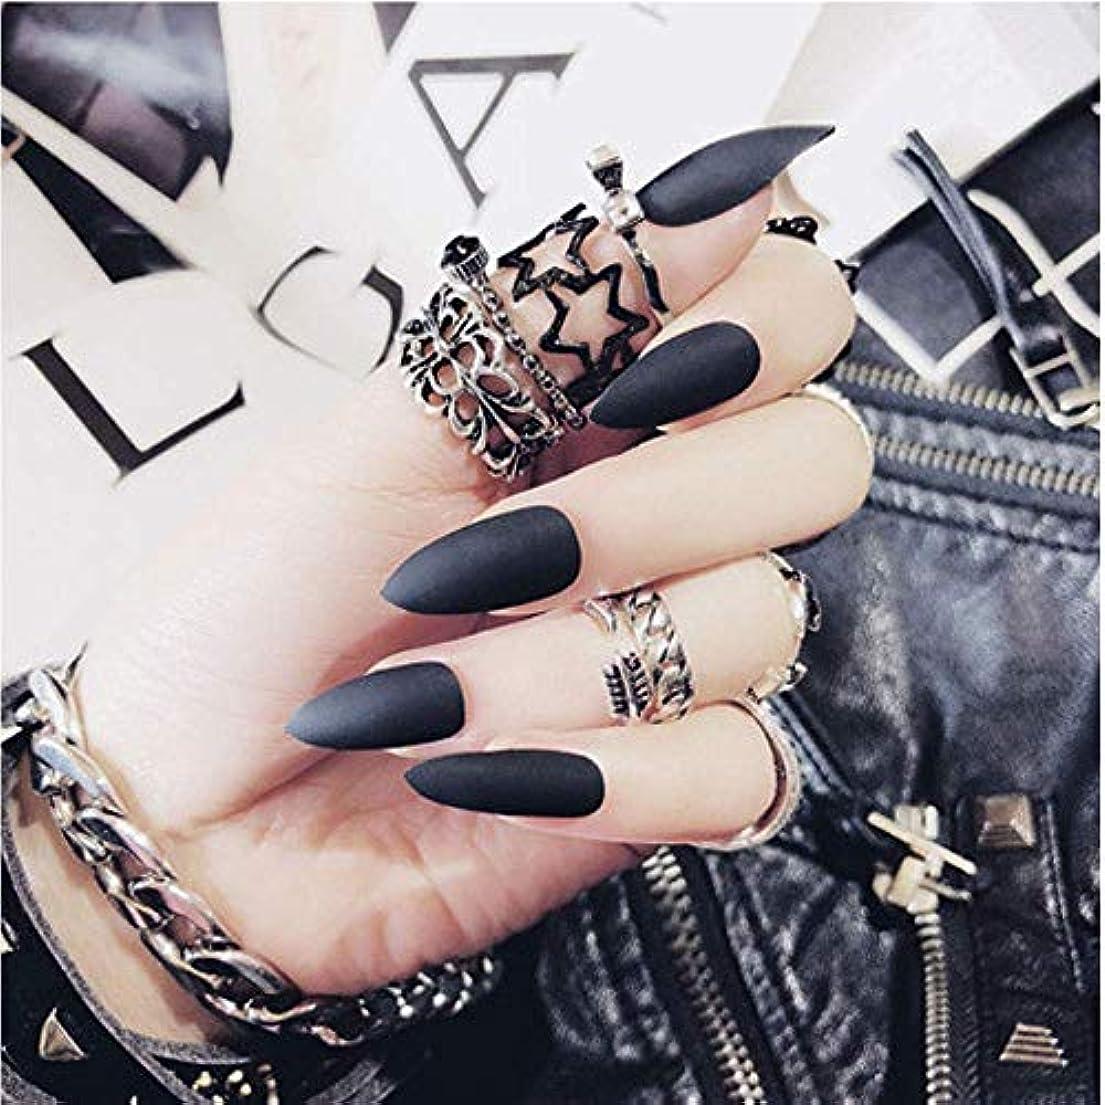 和悪性腫瘍うつLIARTY ネイルチップ 12サイズ 夏の 優雅 黒 つけ爪 ネイル用品 ショート デコレーション 無地 付け爪